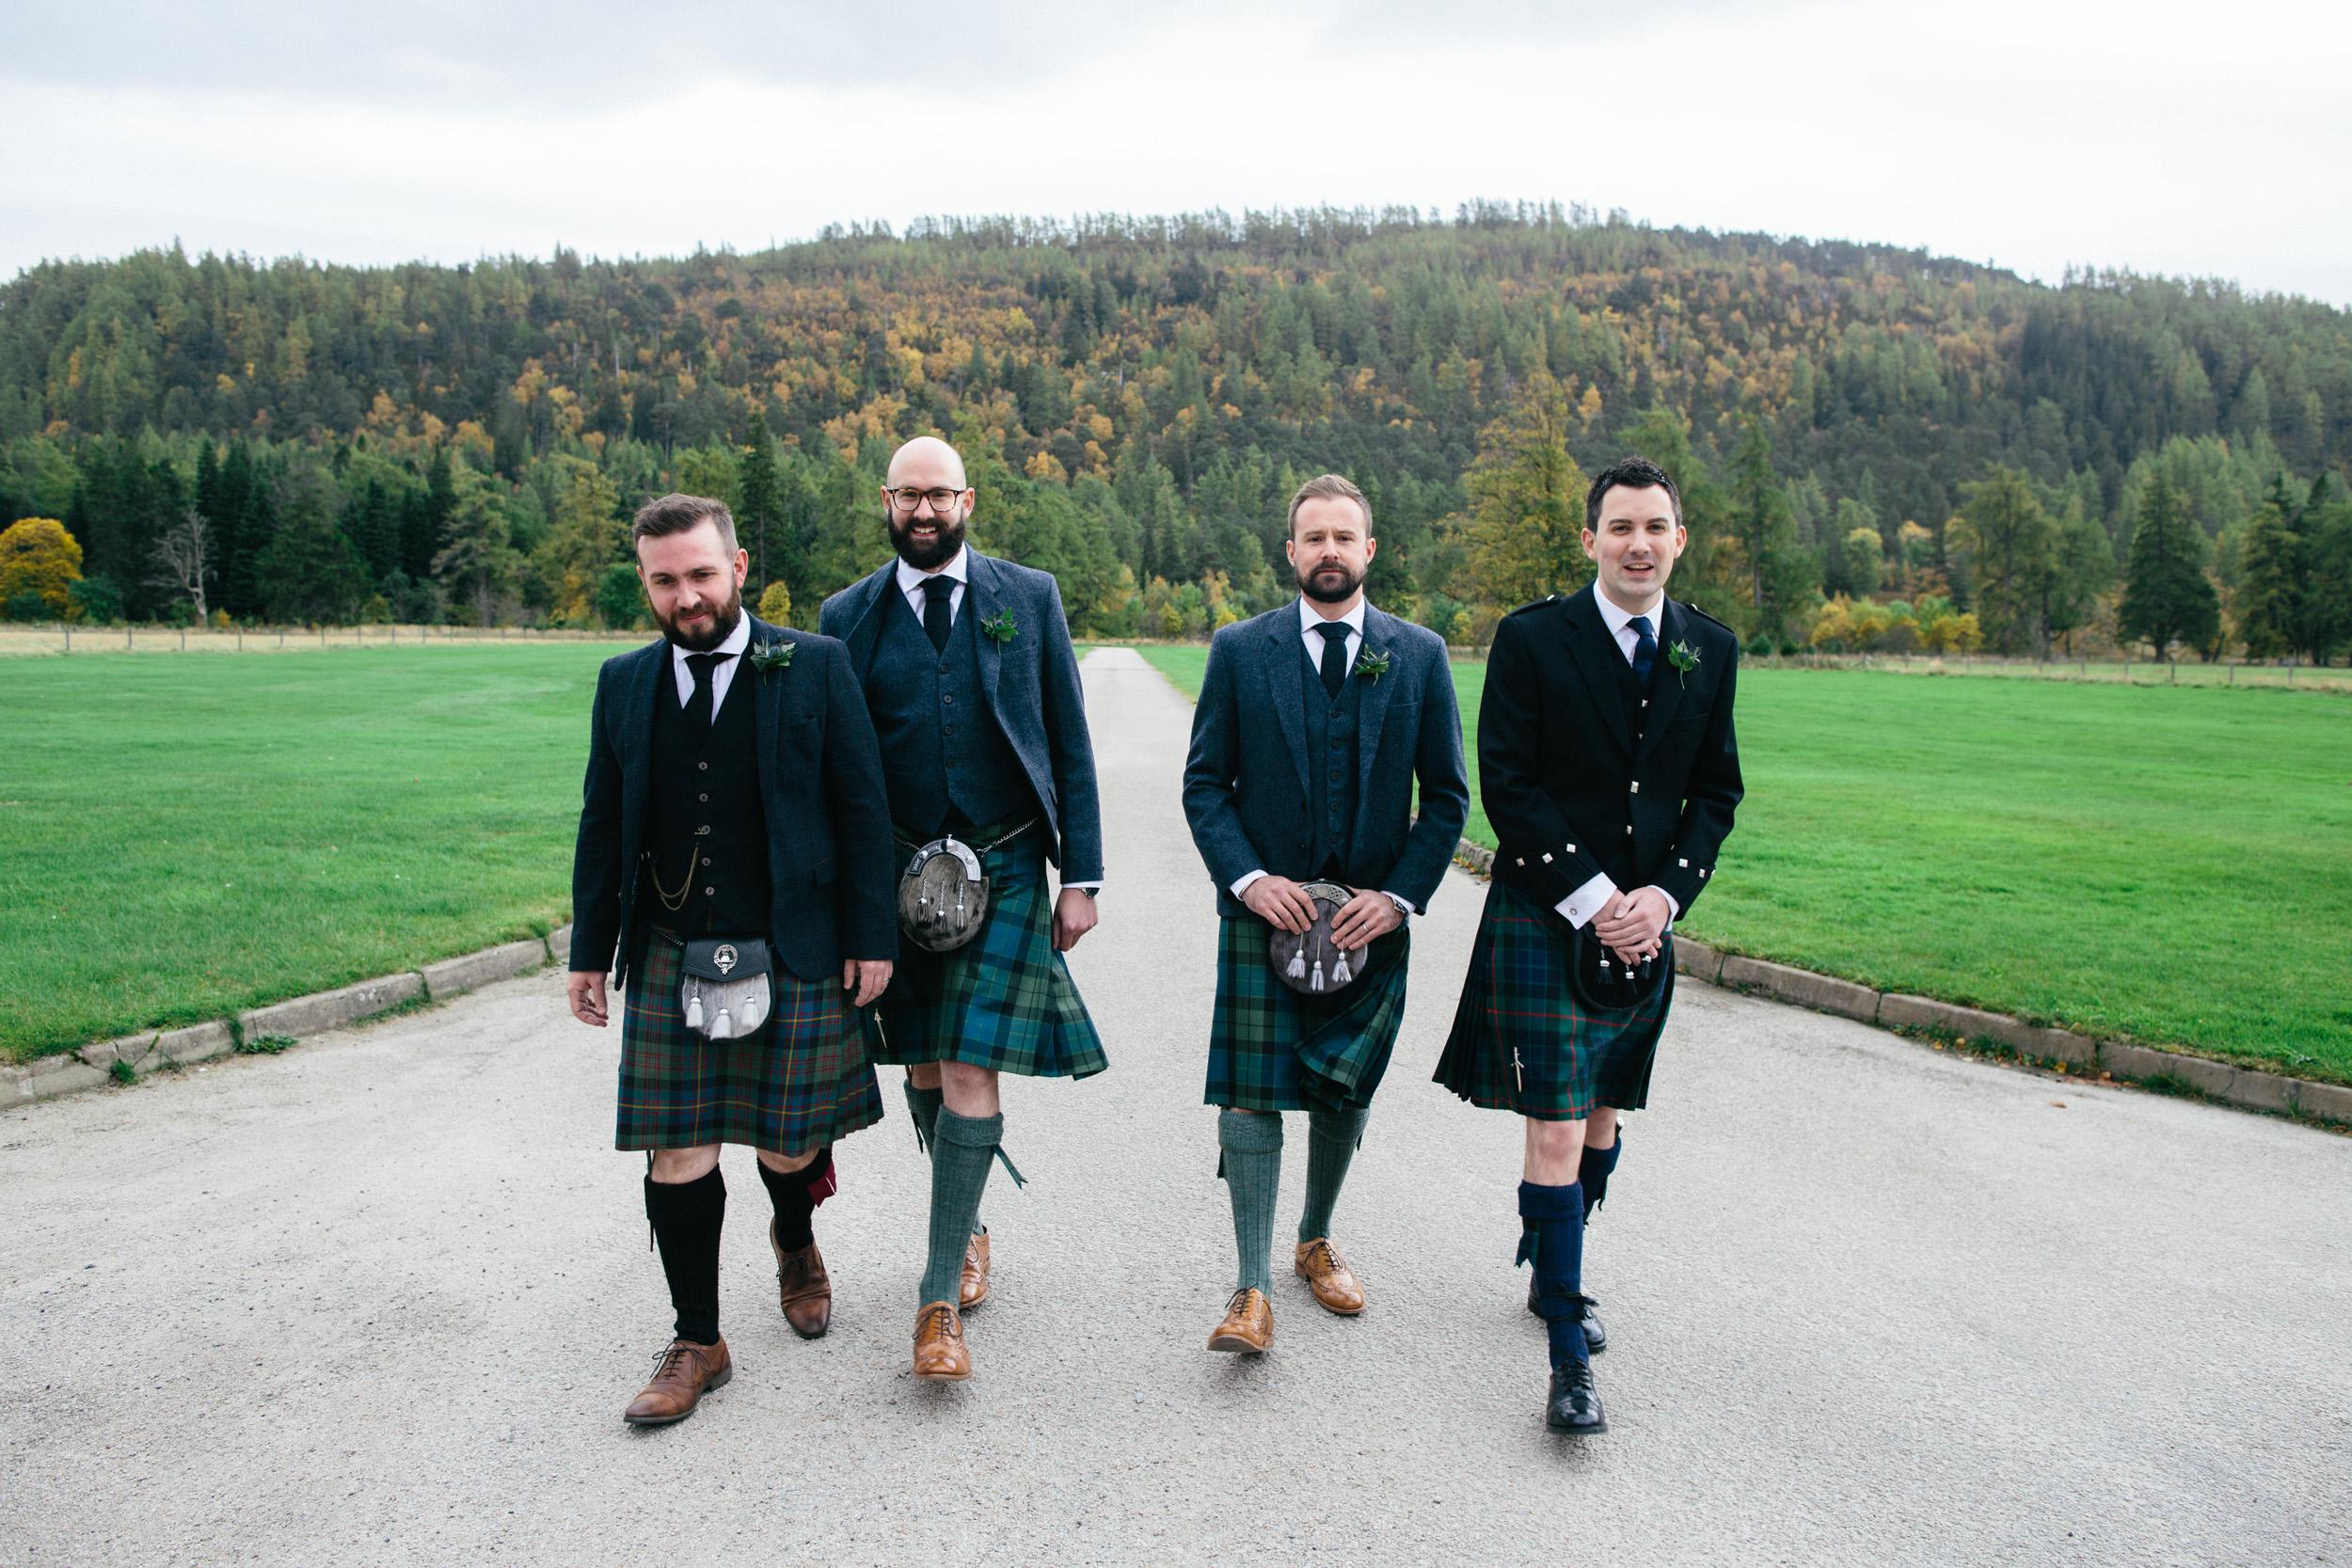 Natural Wedding Photography Aberdeen Braemar 007.jpg